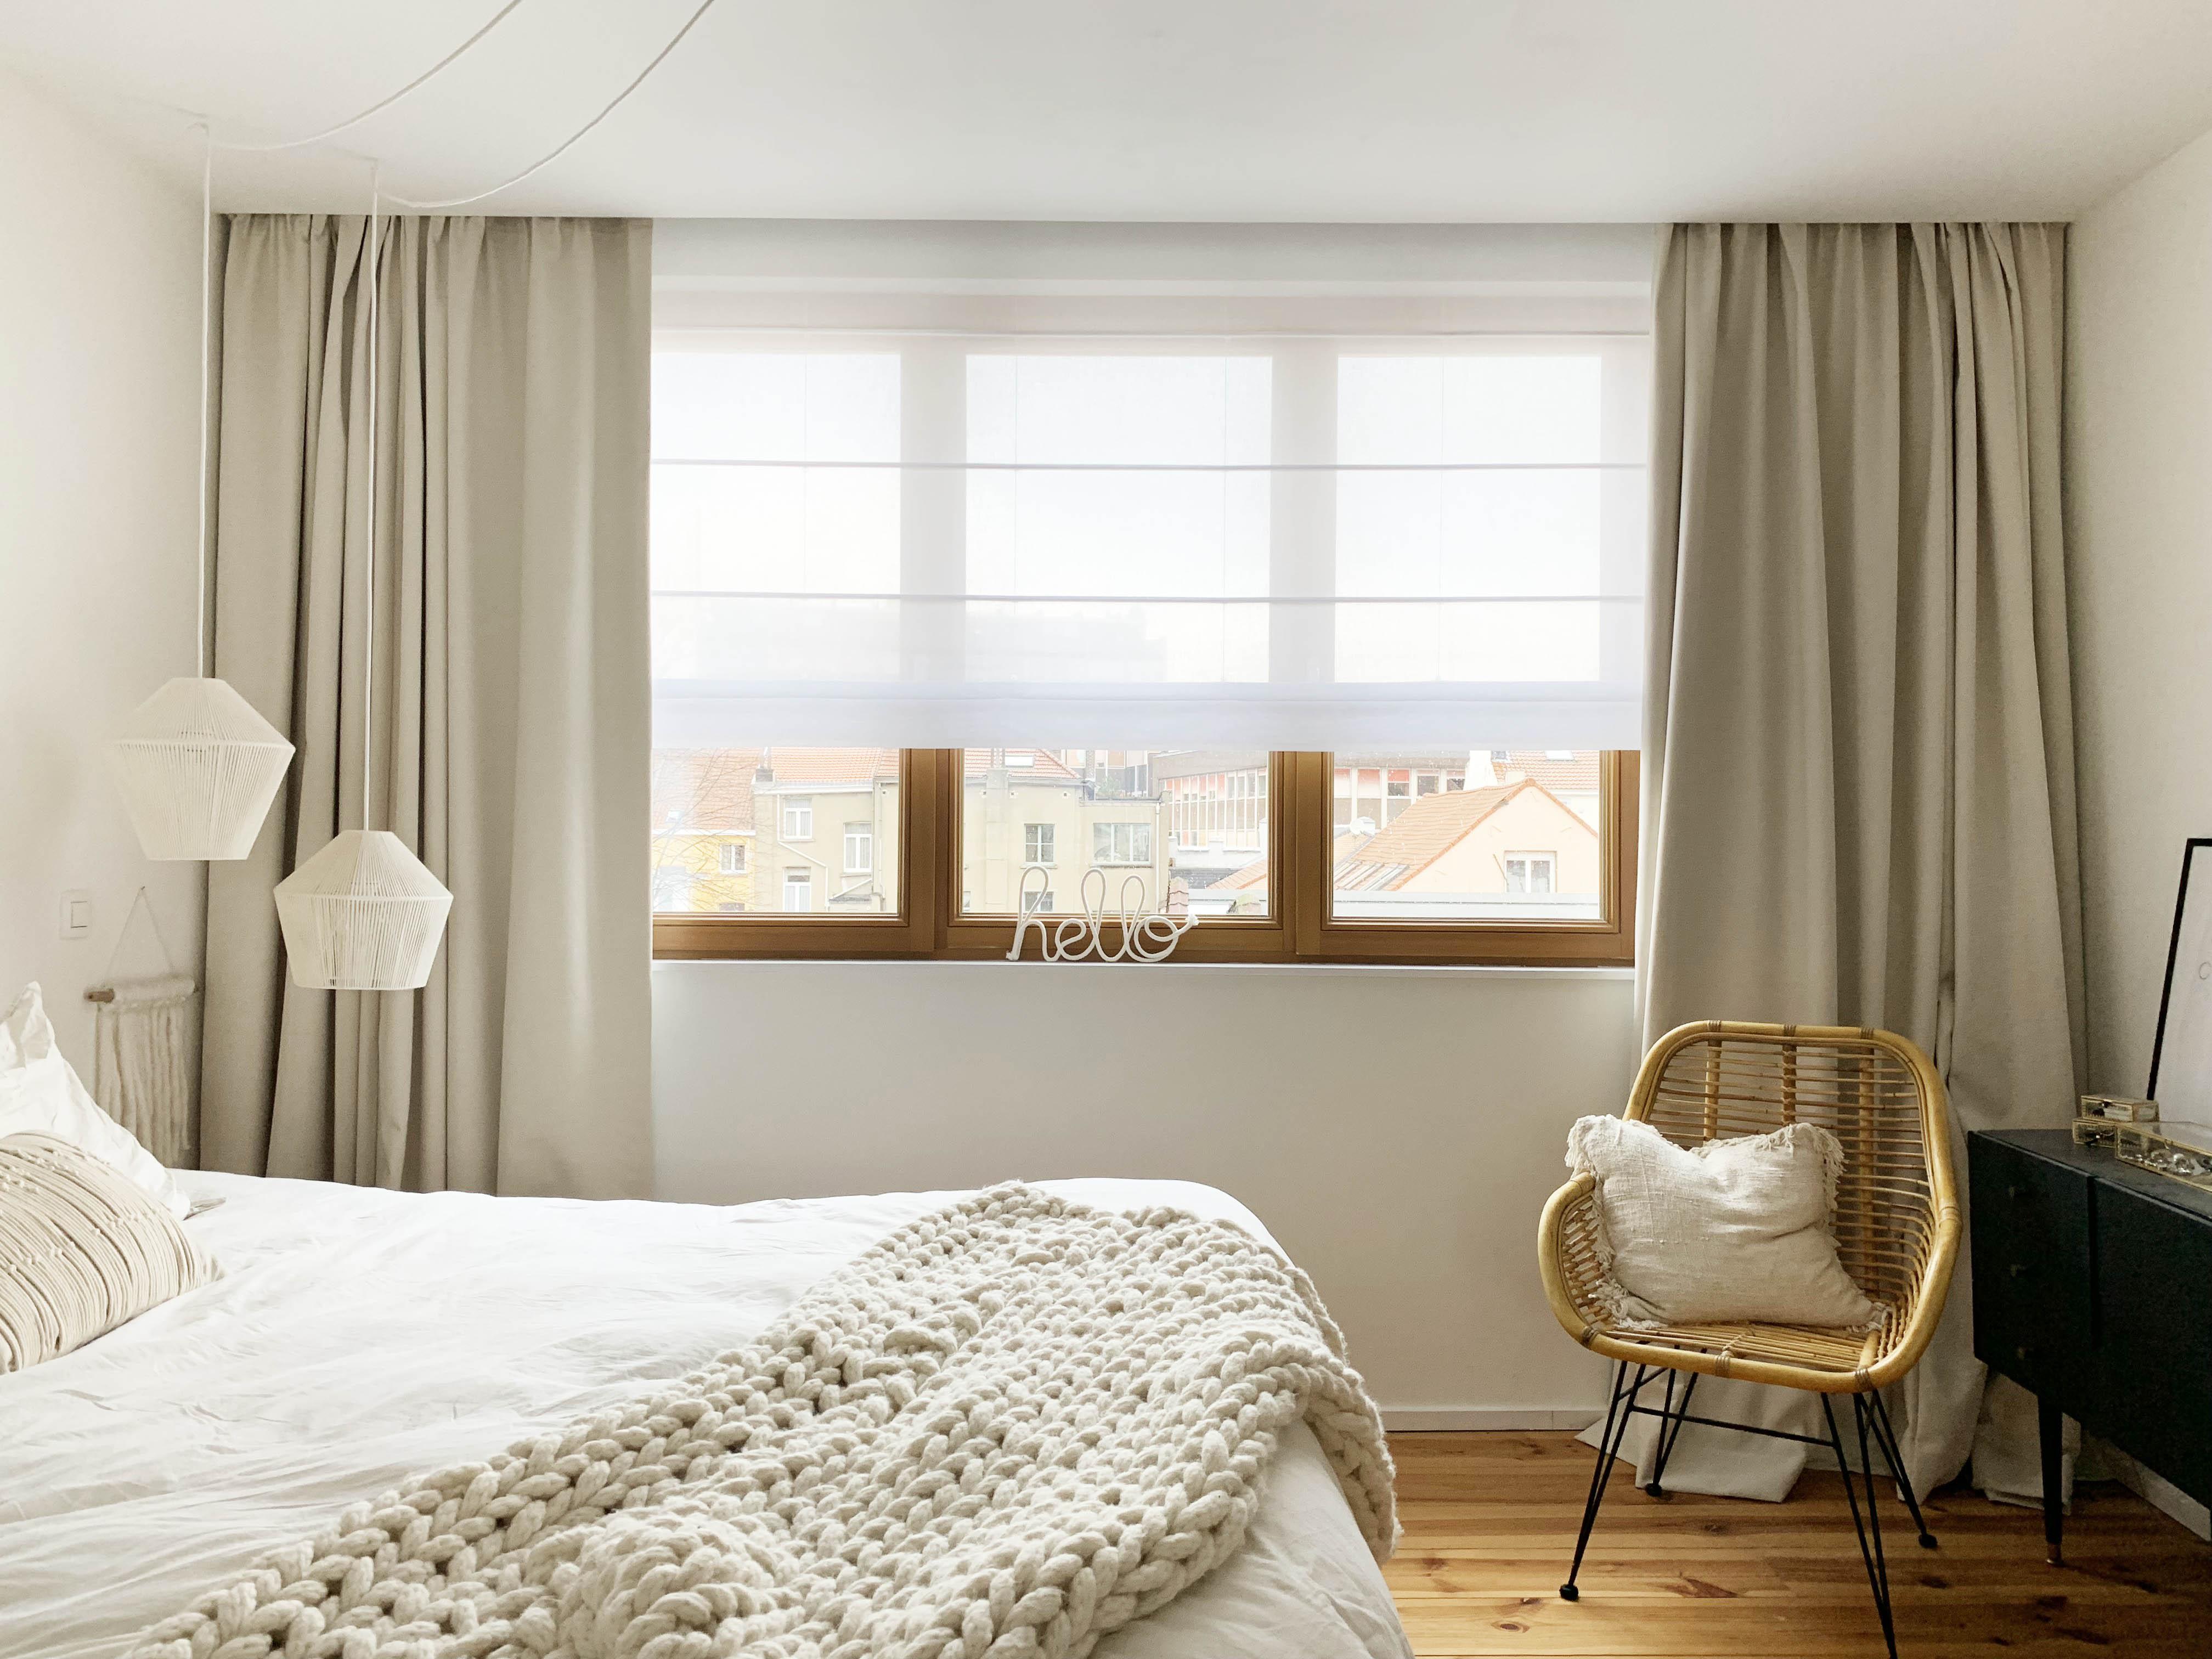 pierre-papier-ciseaux-rideaux-chambre-heytens-apres-4